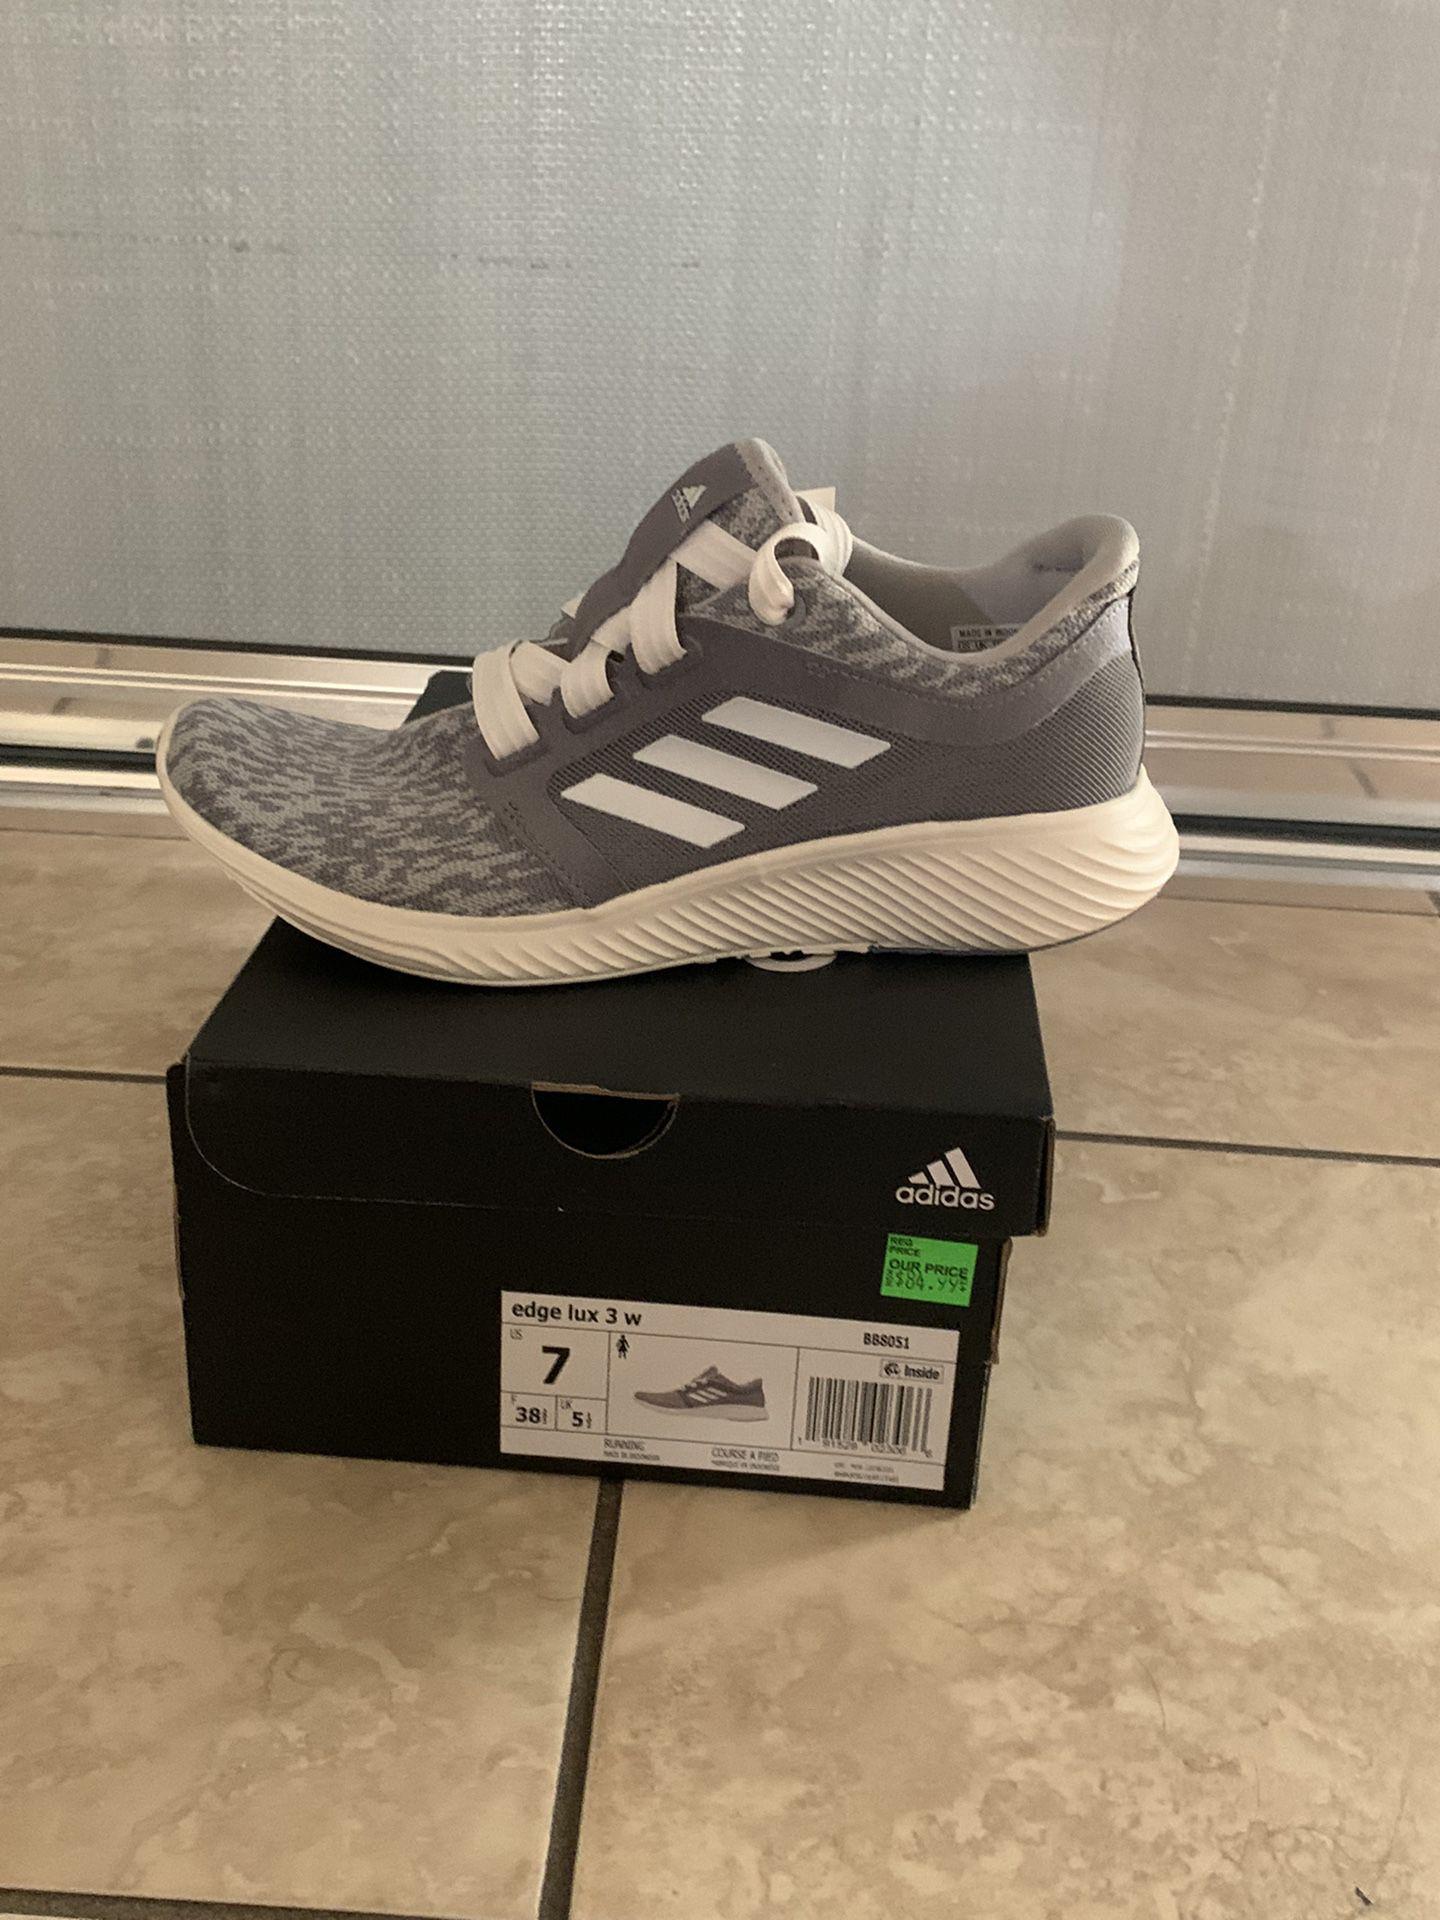 Adidas Edge Lux 3W, Size: 7 Men